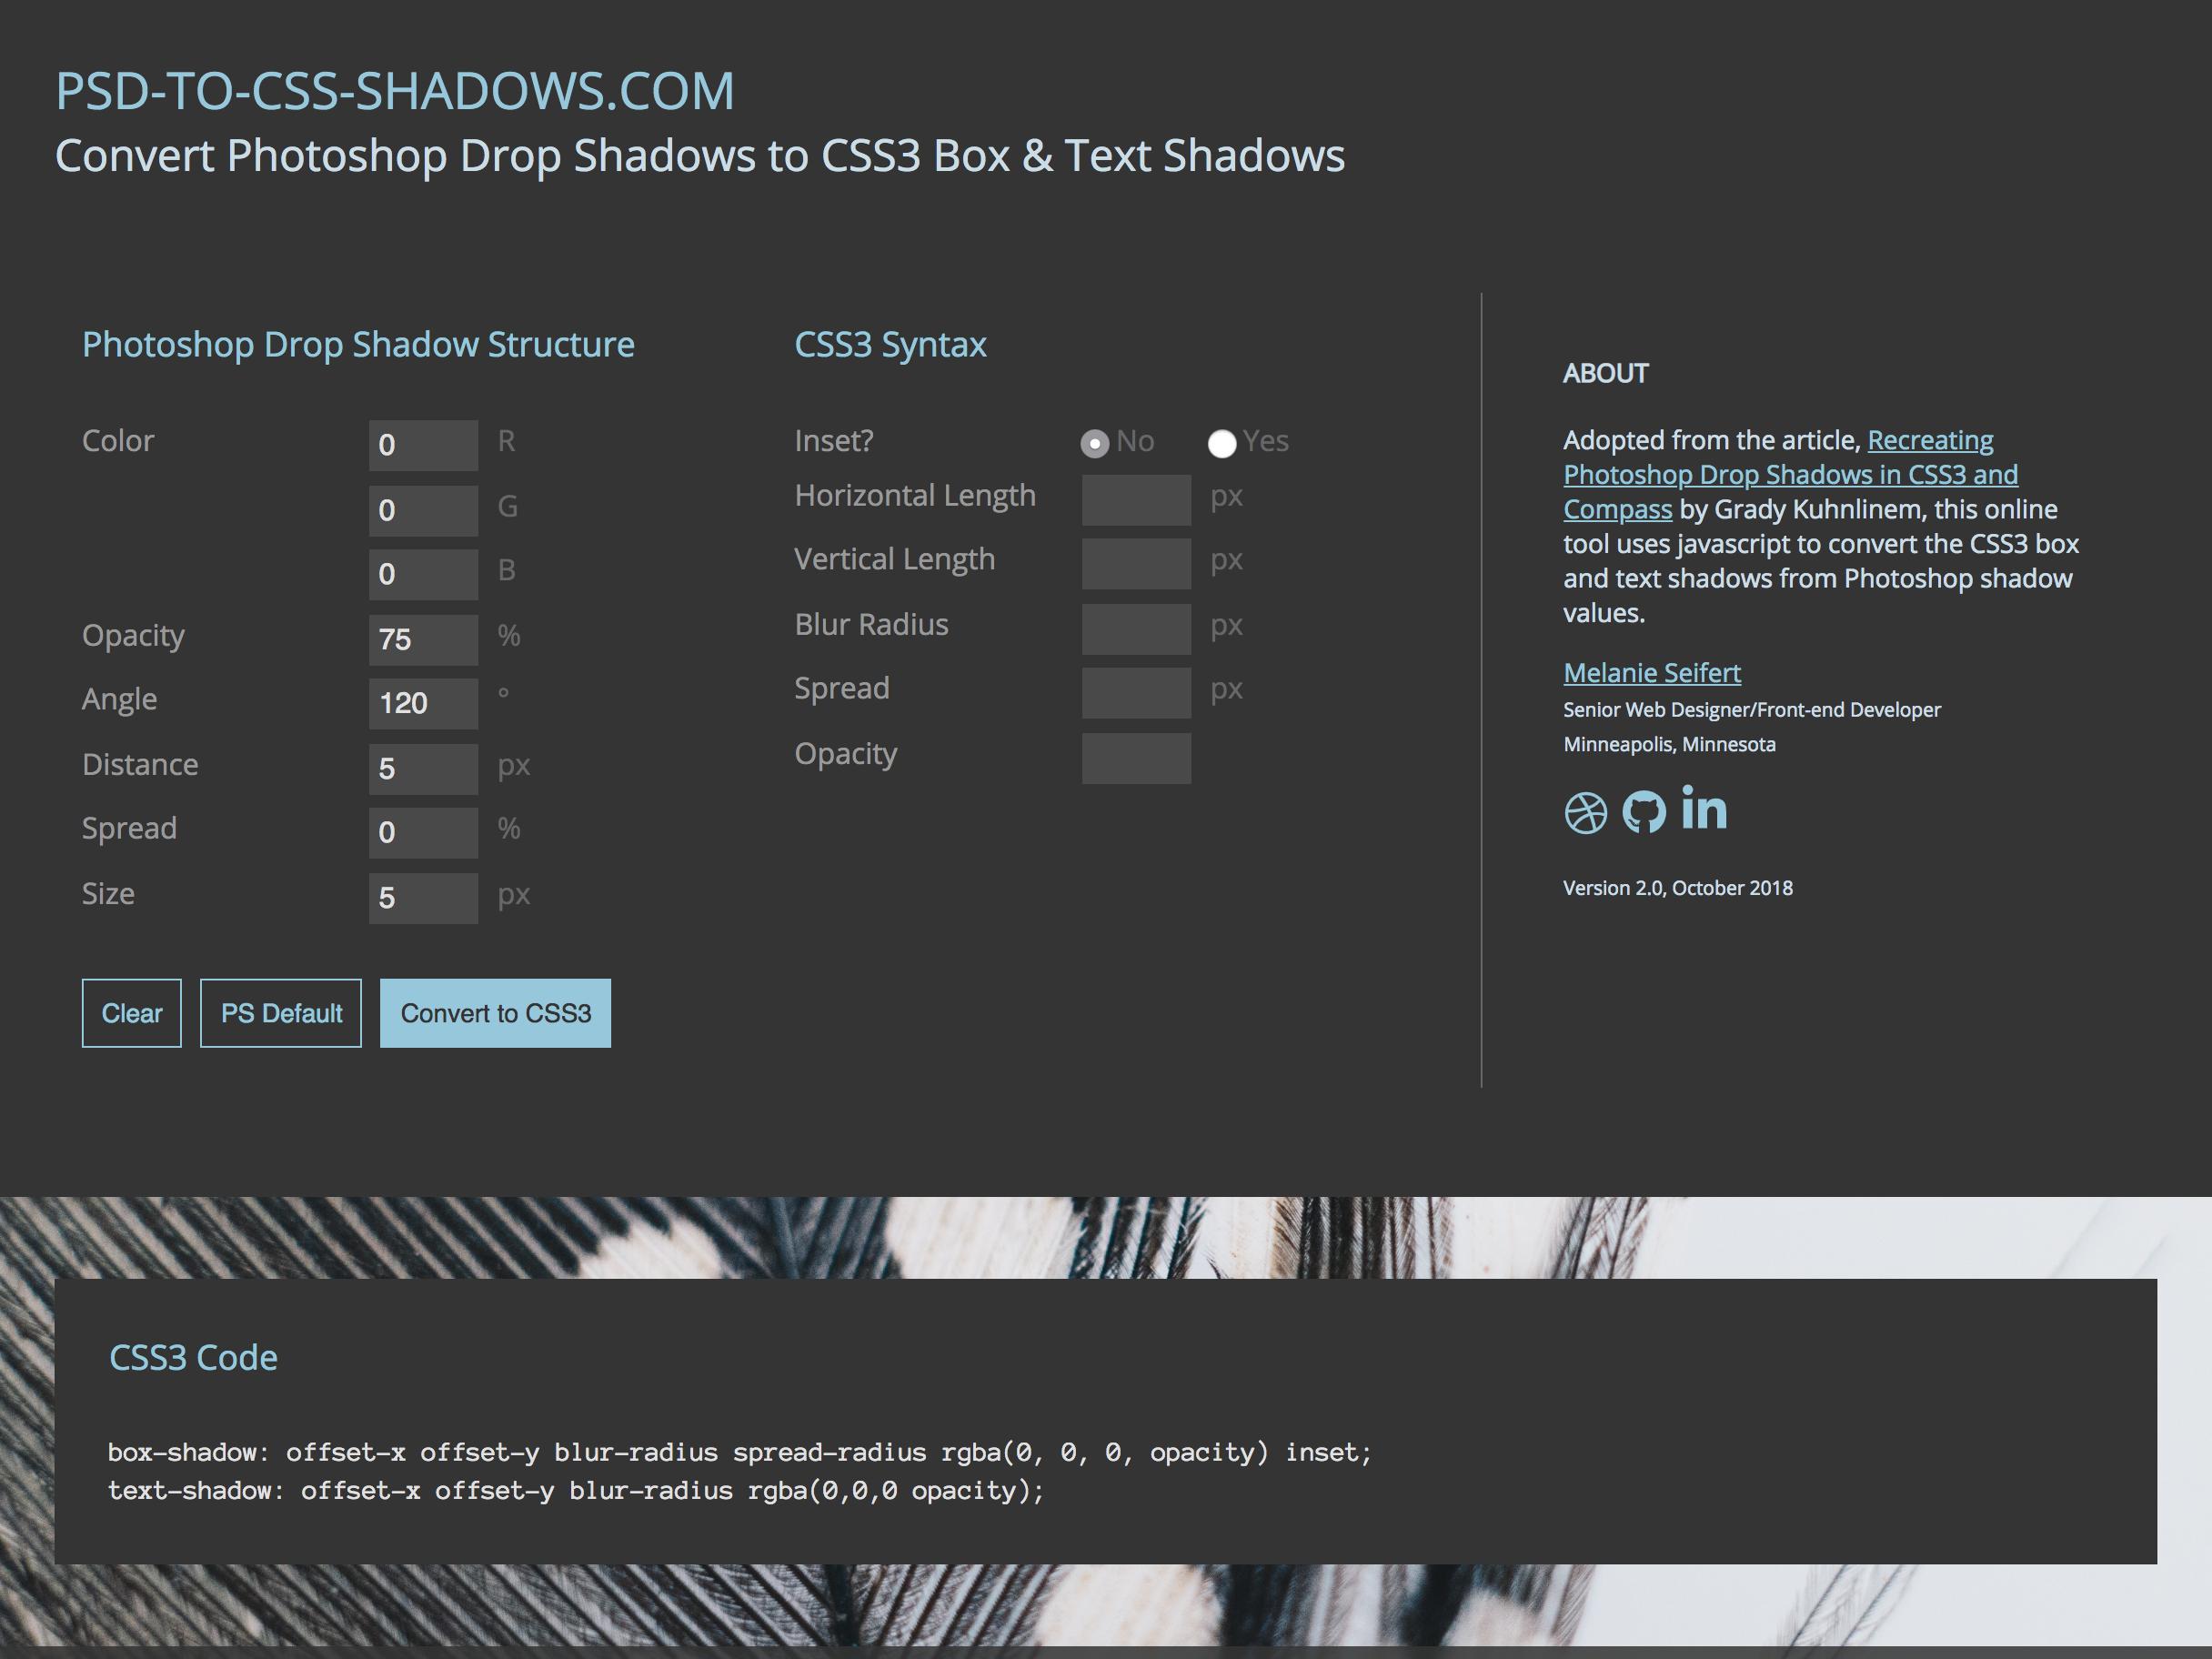 Screencapture psd to css shadows 2018 10 23 12 52 27